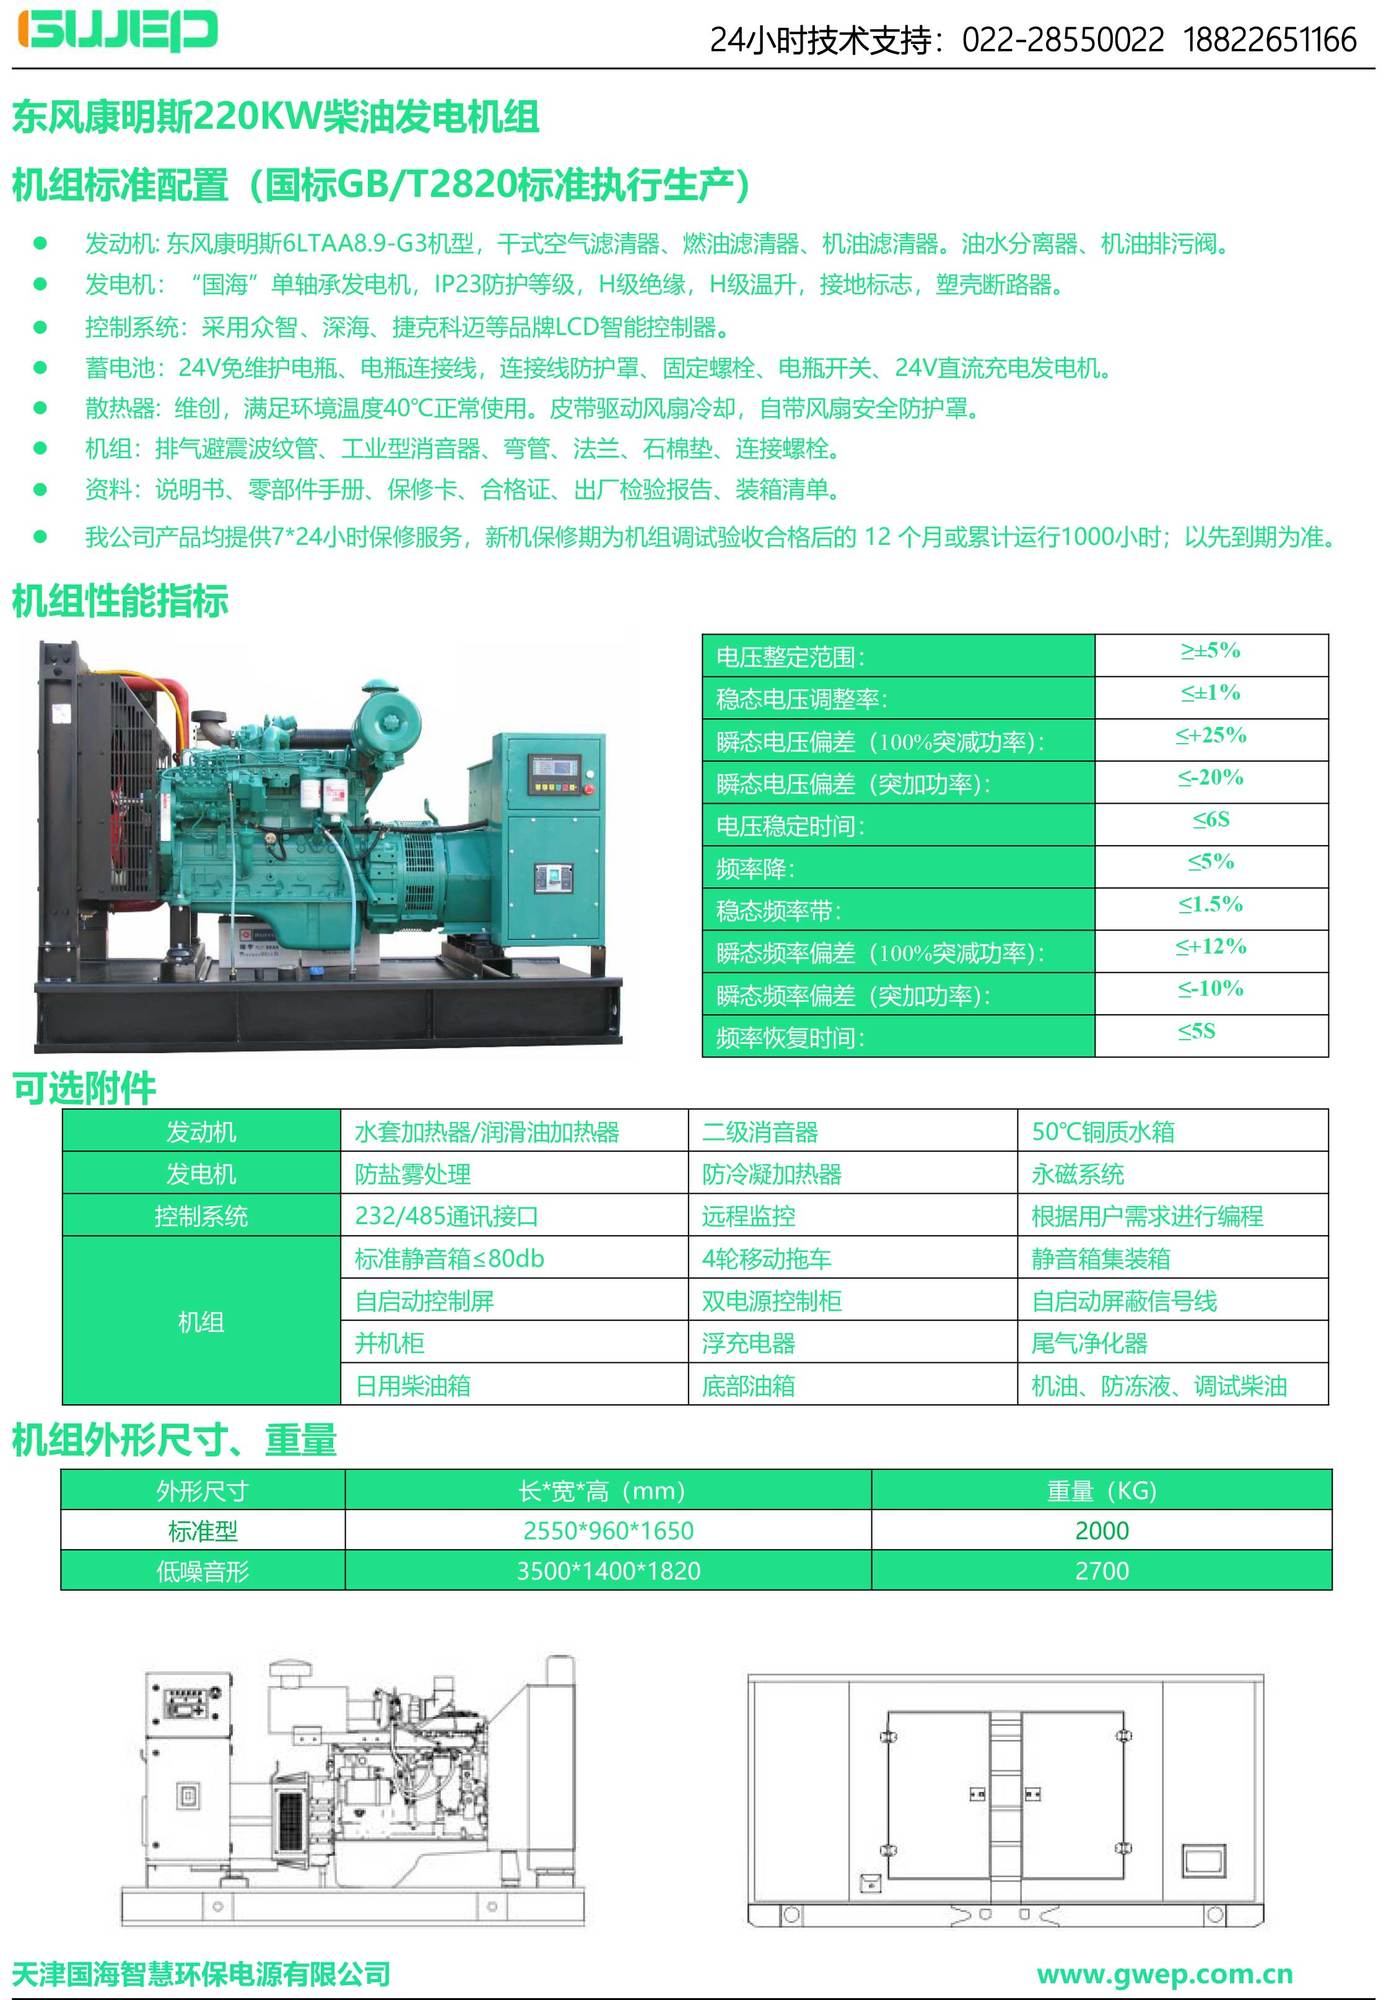 康明斯220KW發電機組技術資料-1.jpg